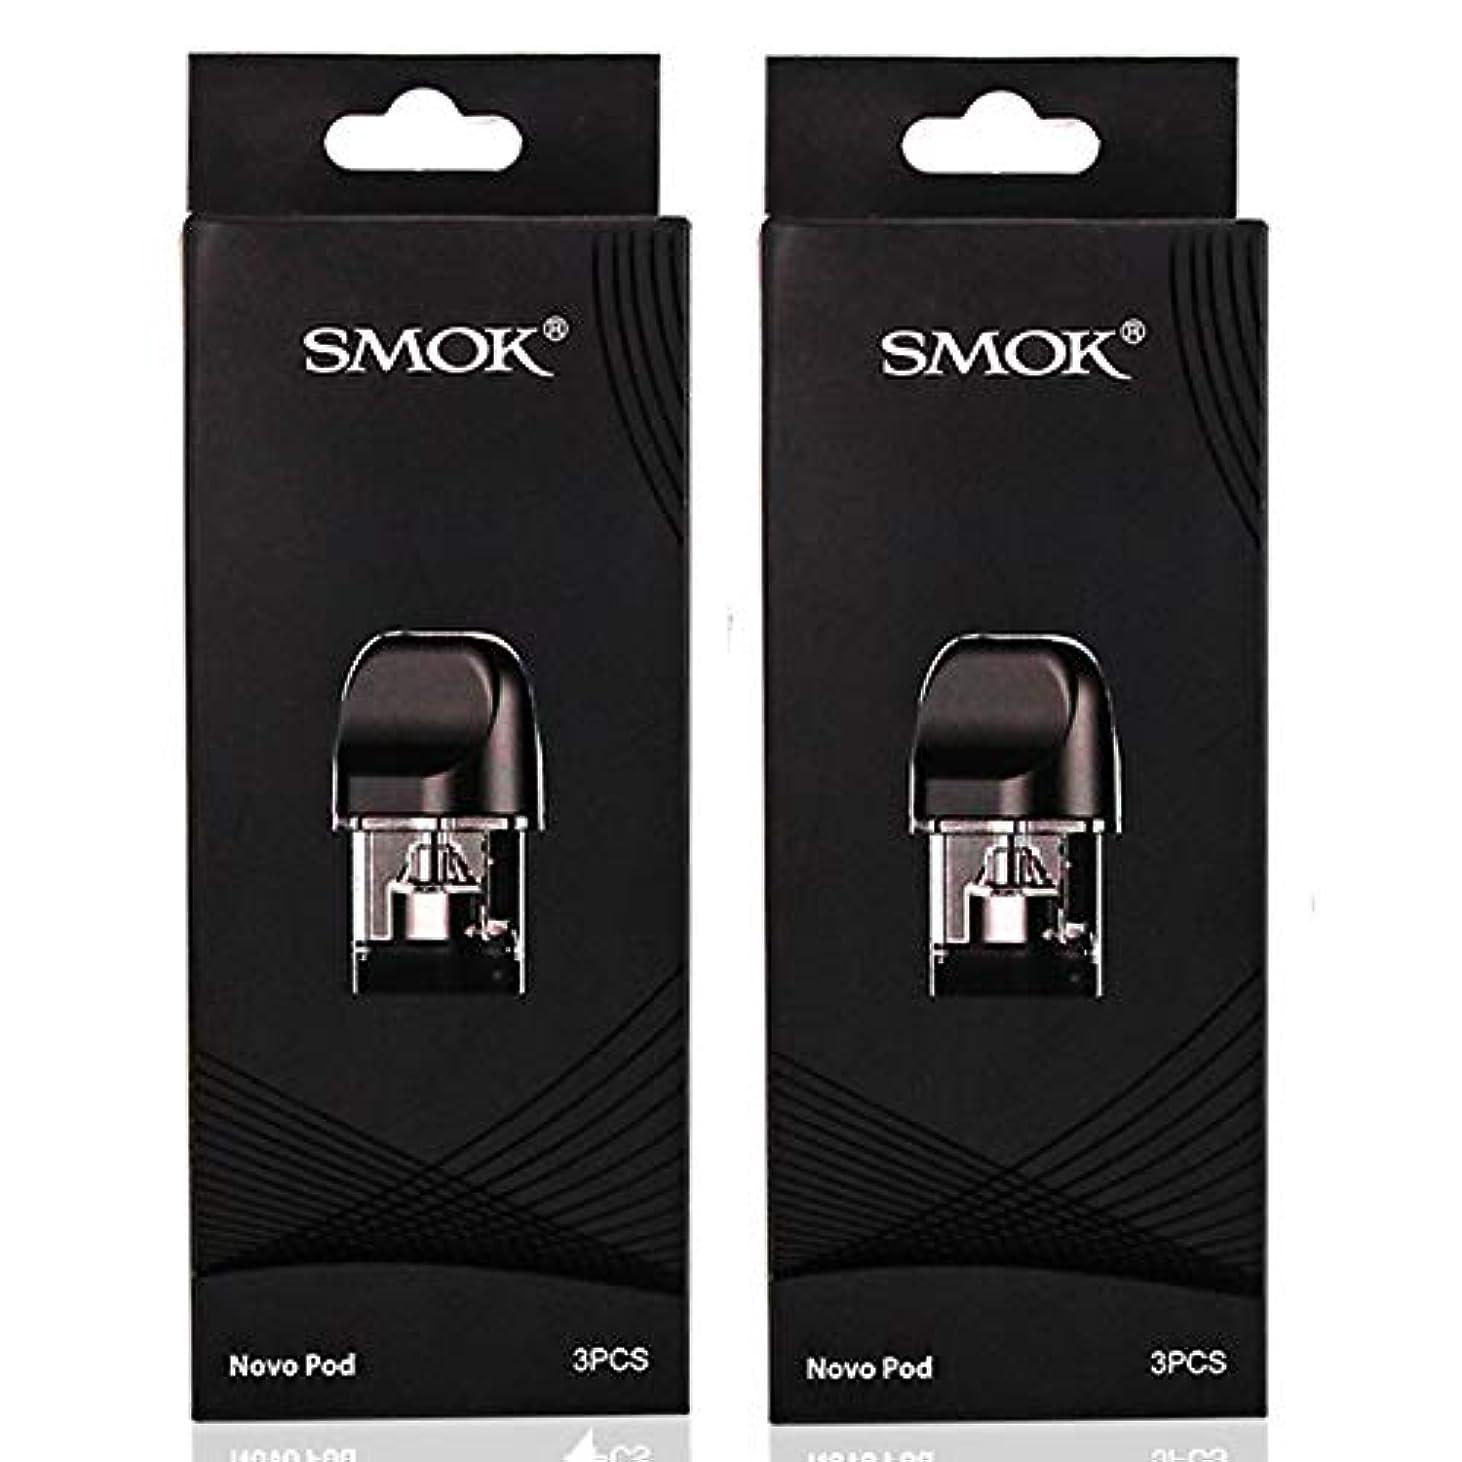 日記読書をする予感Smok Novo Pod ボックスE-Liquid E-Juice 2mlサプリメントボックス (2 Packung 1.2Ω)